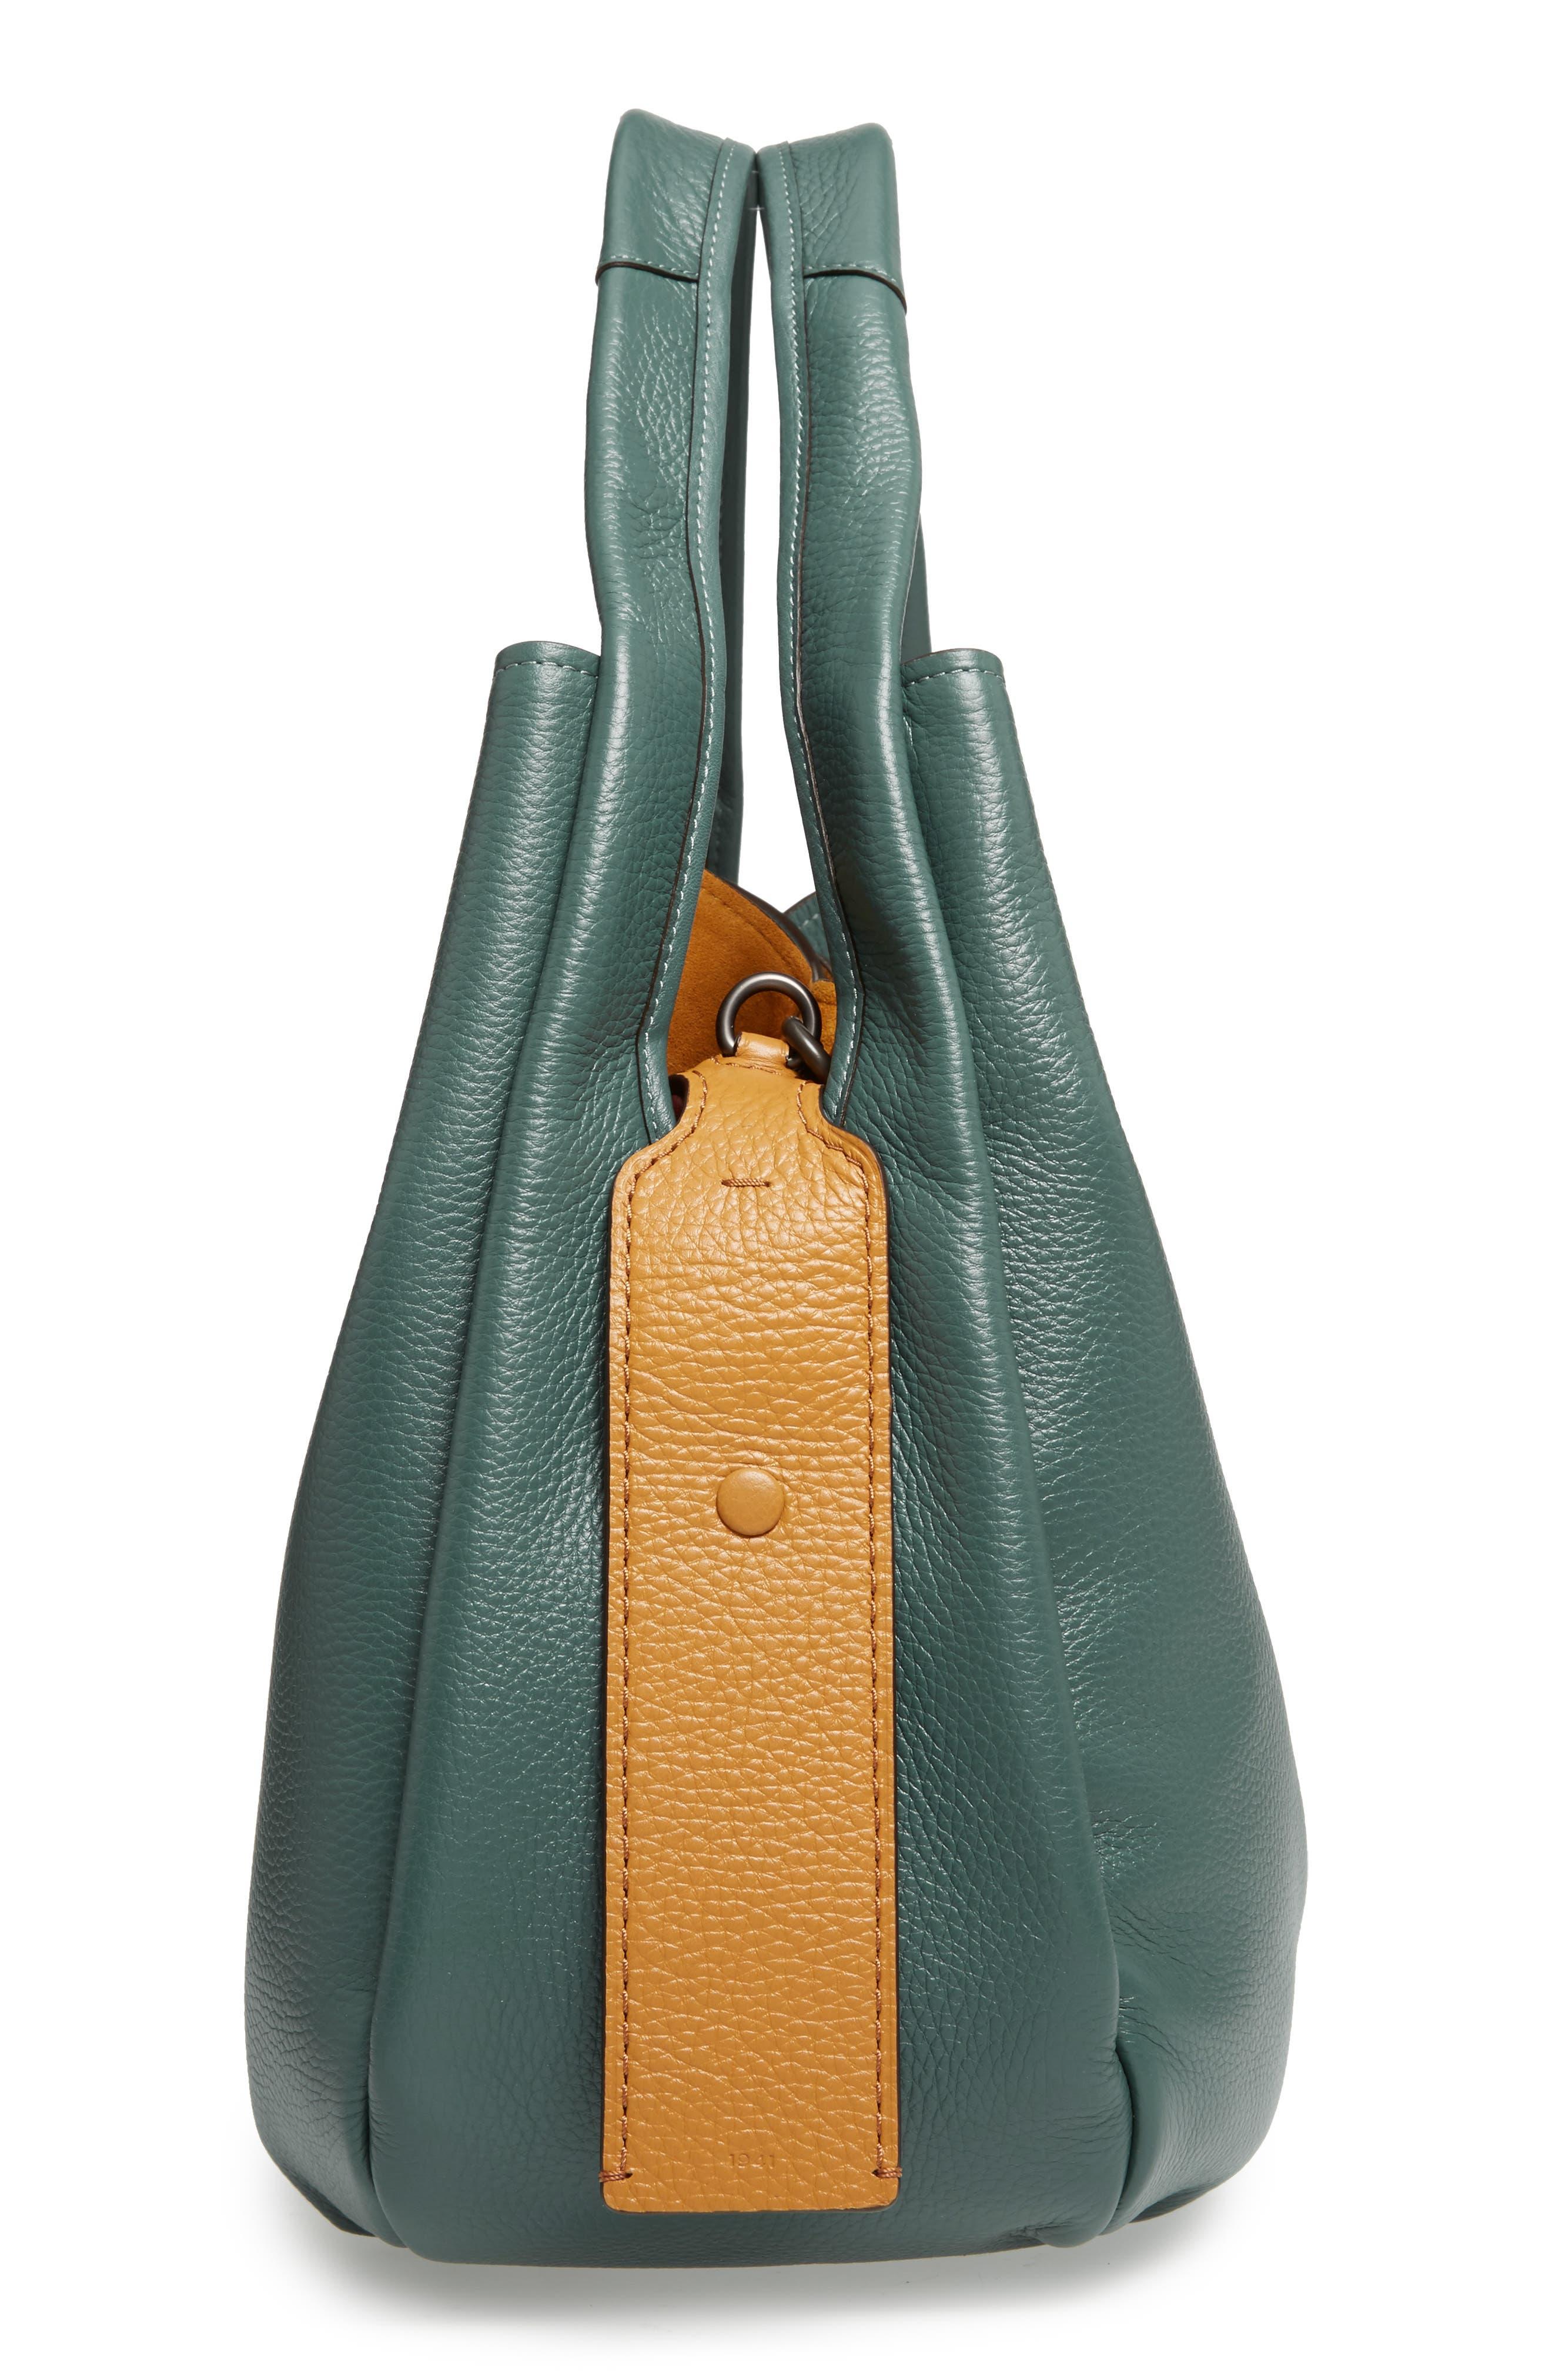 Bandit Leather Hobo & Removable Shoulder Bag,                             Alternate thumbnail 5, color,                             313